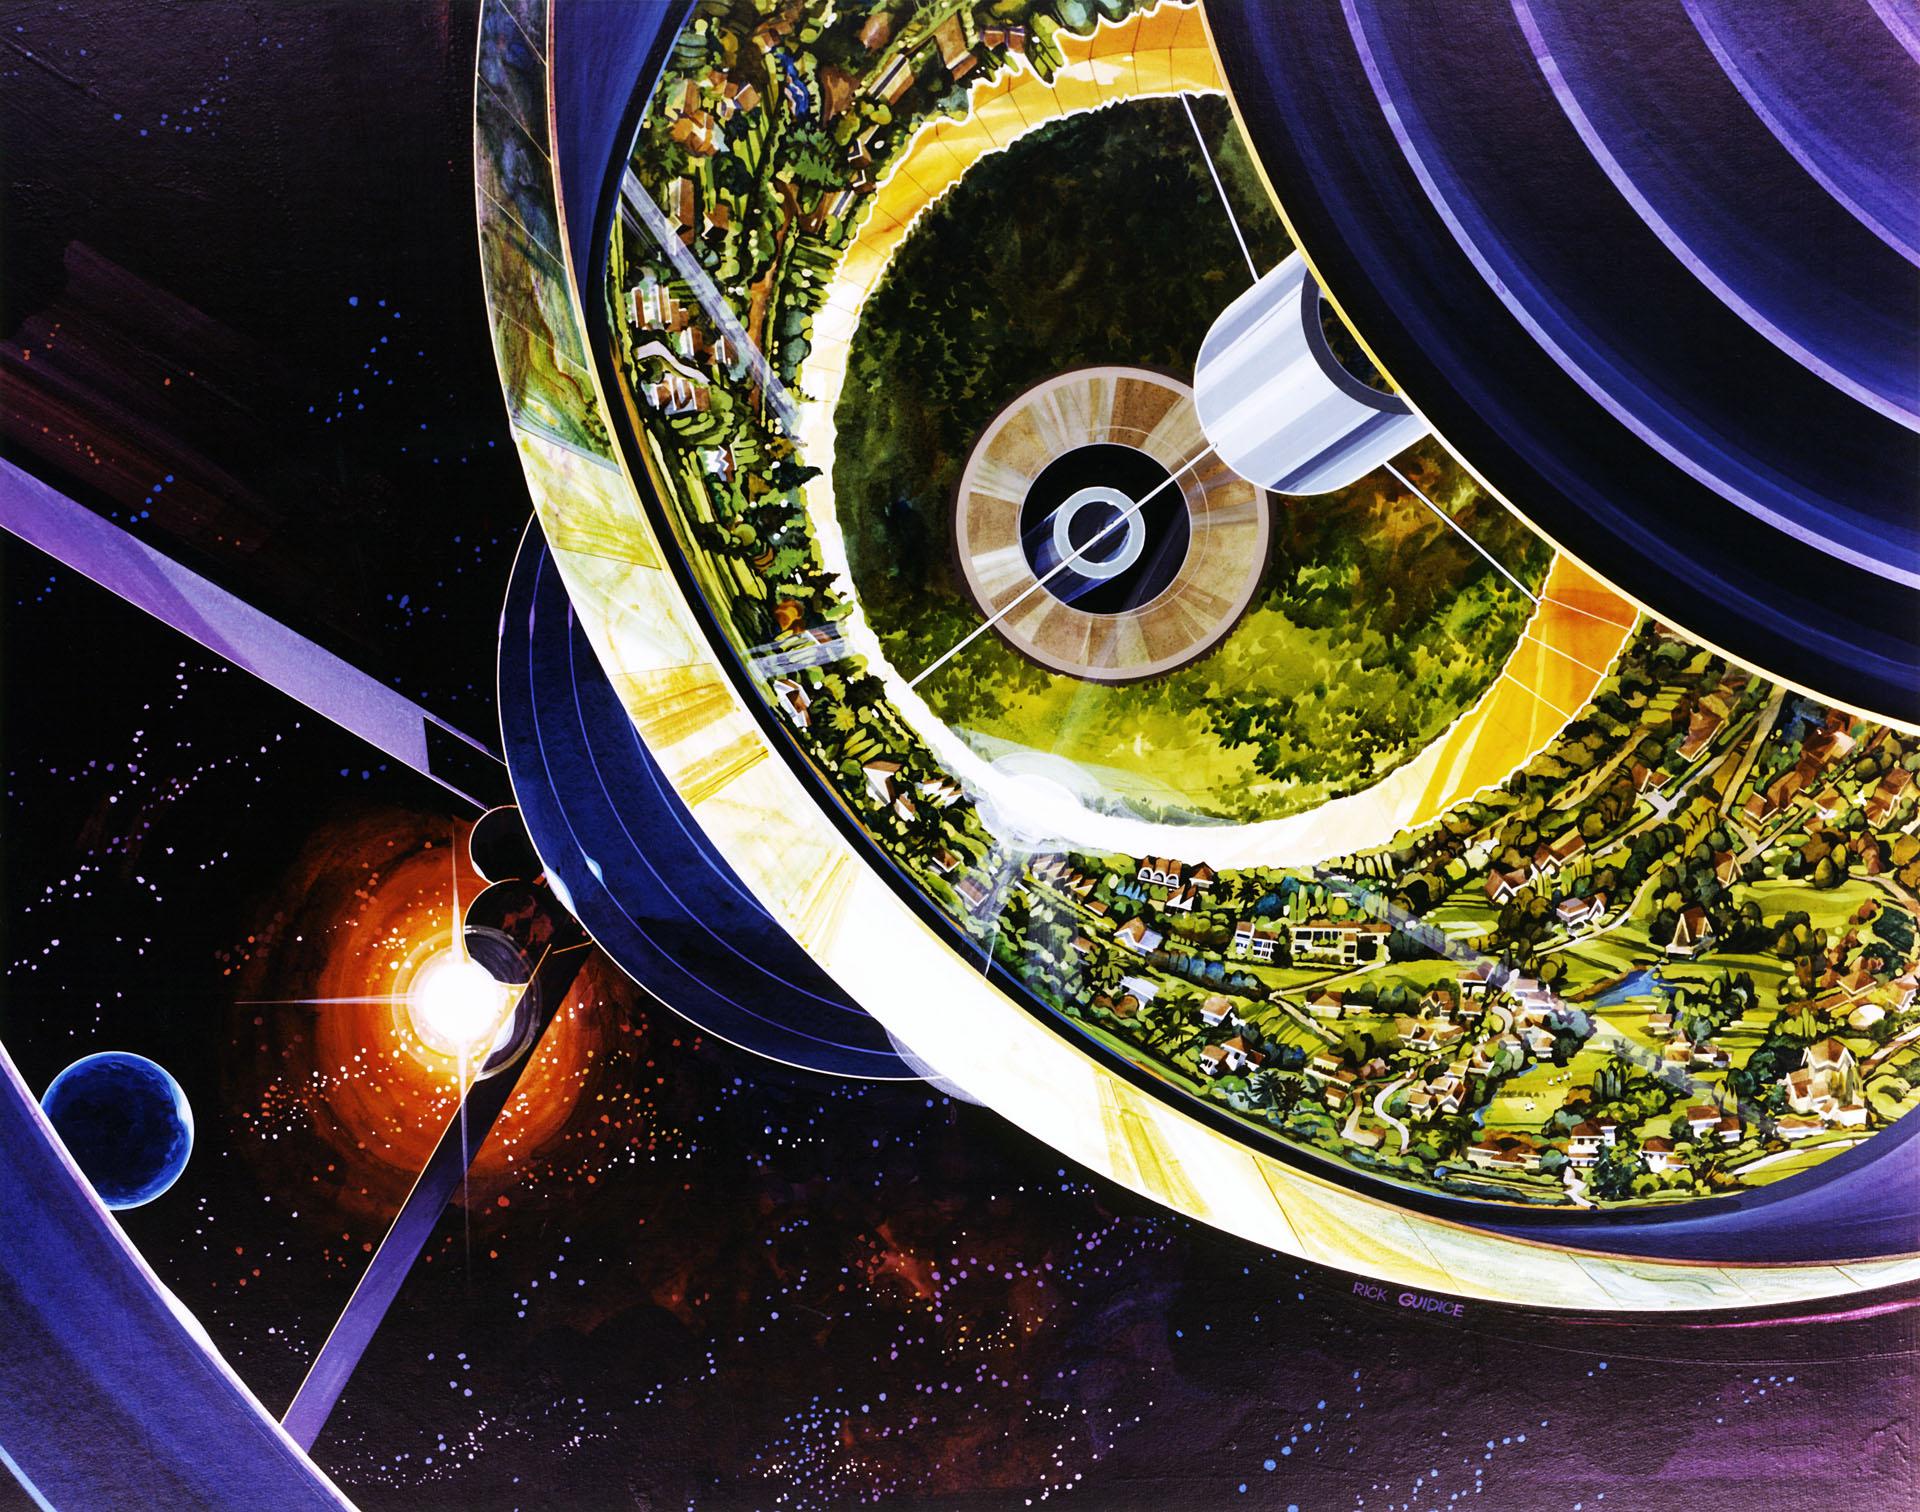 Bernal Spheres Cutaway View